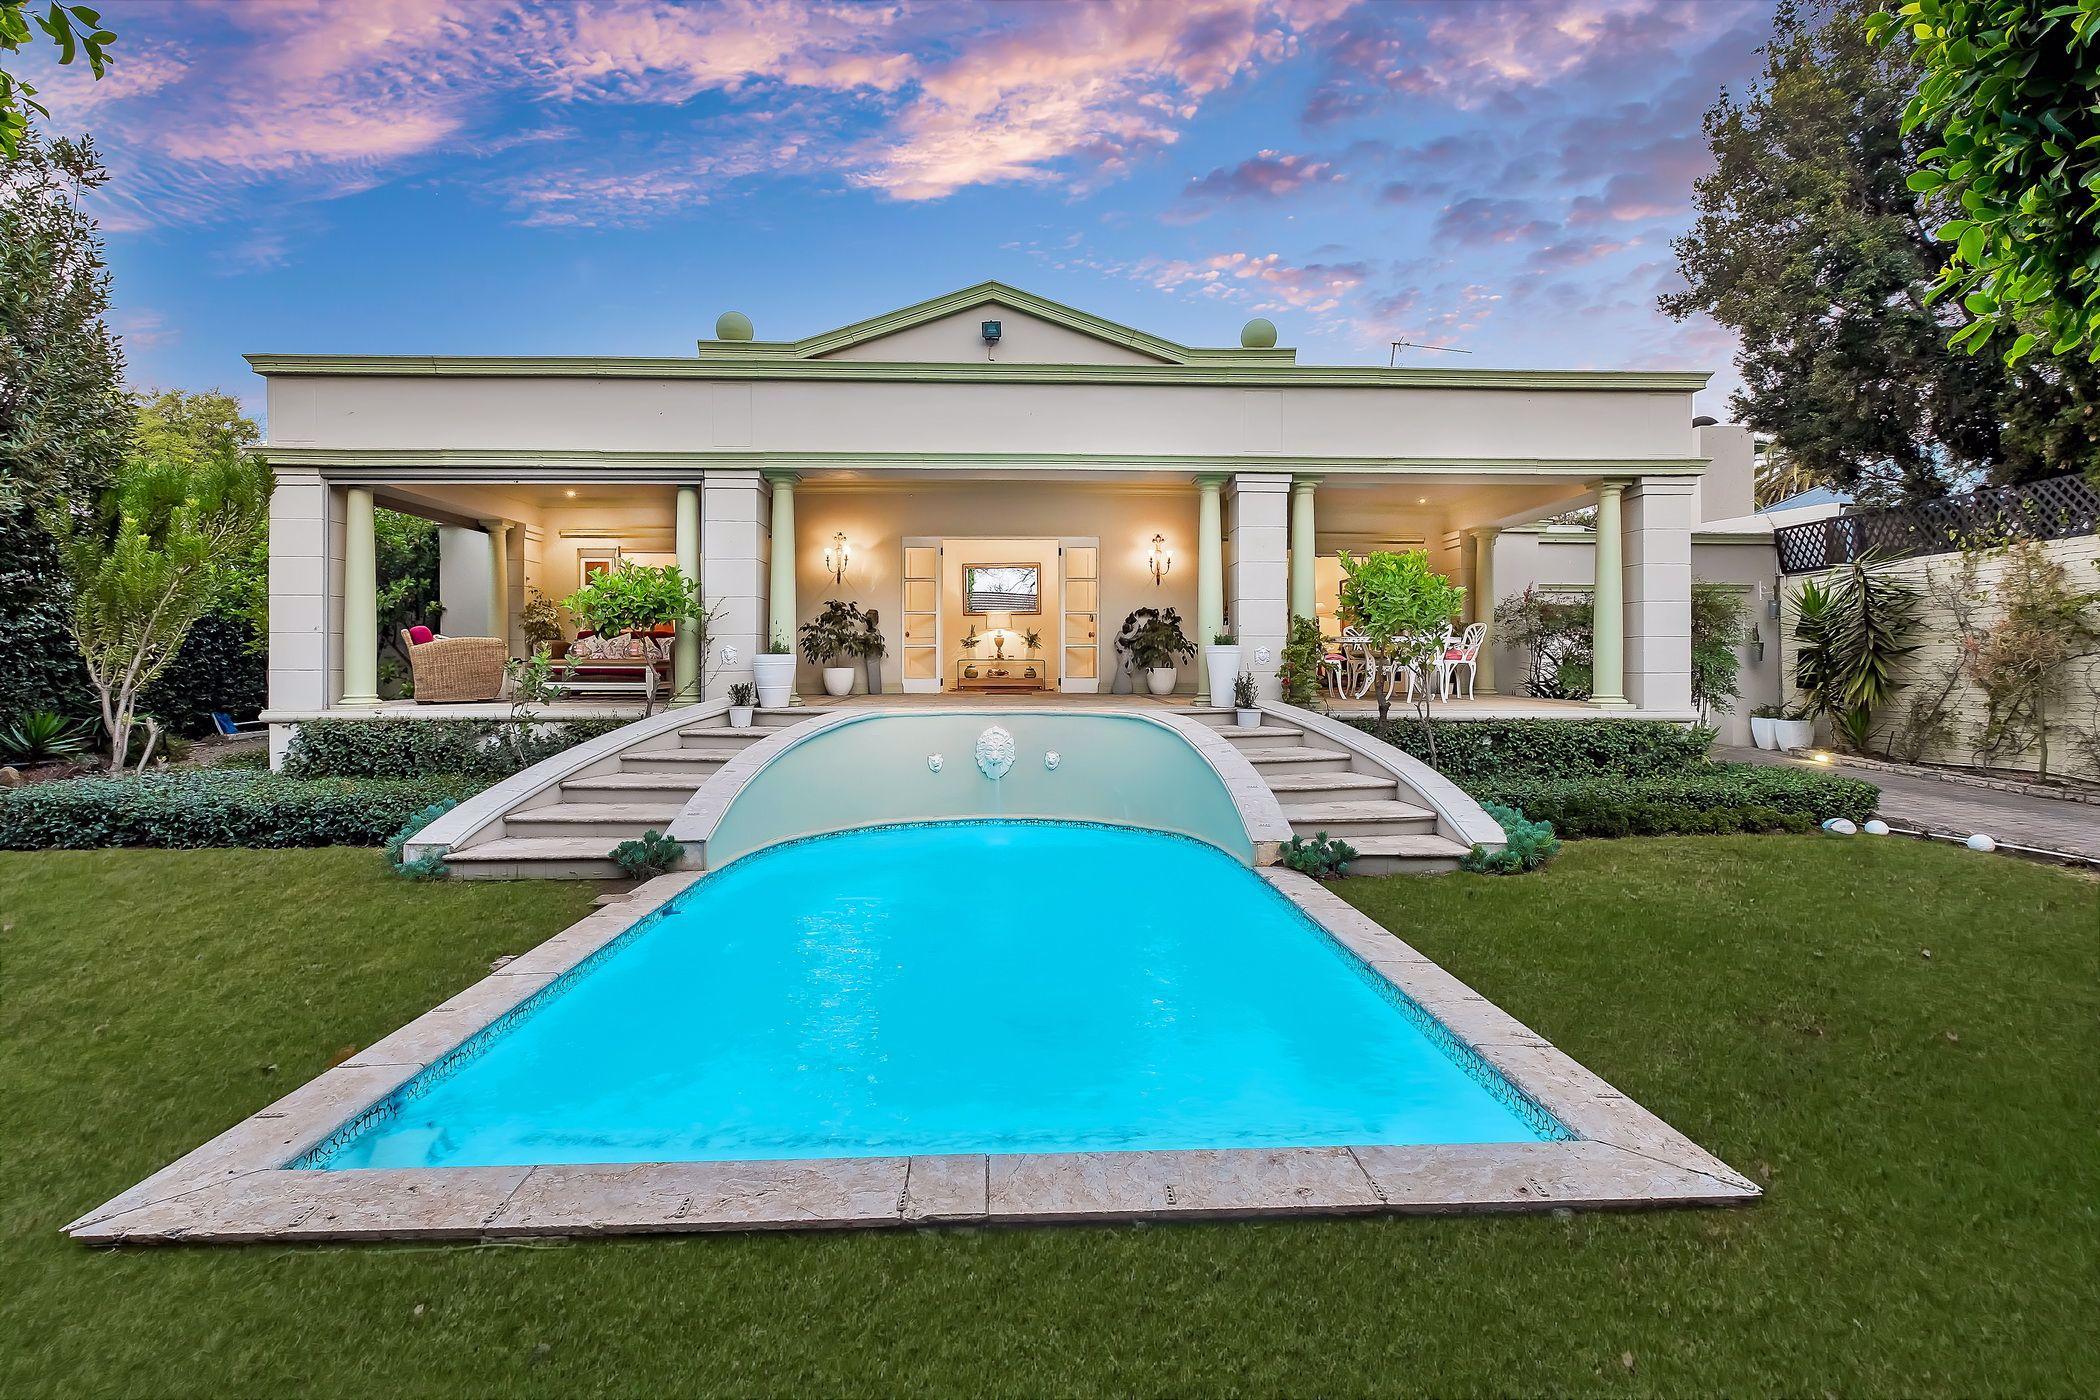 2 bedroom house for sale in Parkwood (Johannesburg)